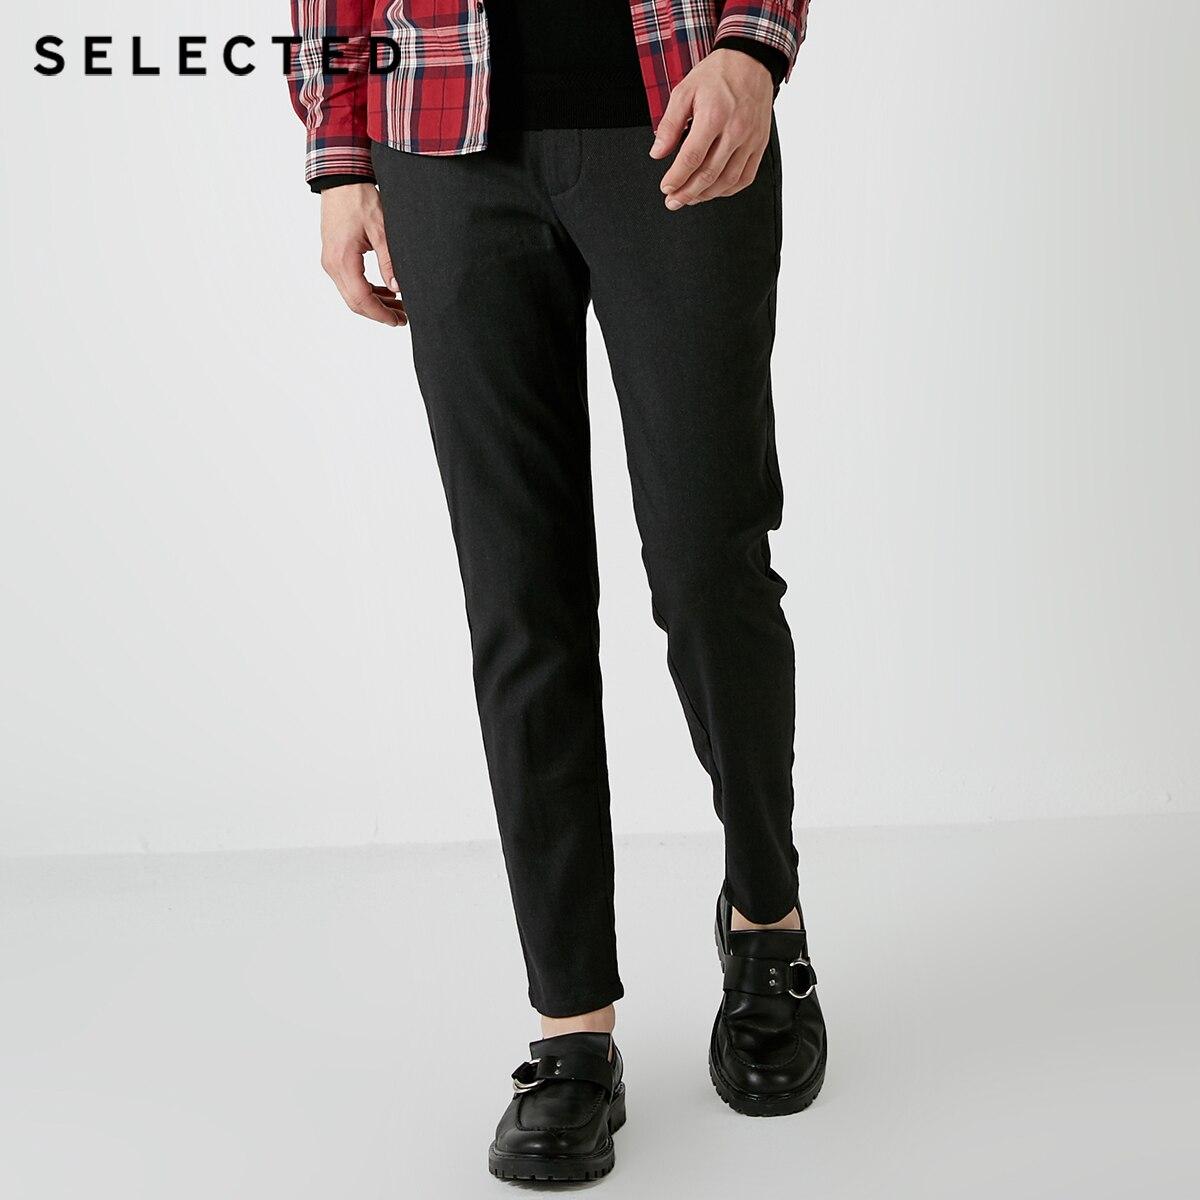 Sélectionné, blackrock hiver nouveaux hommes cultiver moralité couleur pure loisirs pantalon S  418414538-in Casual Pantalon from Vêtements homme on AliExpress - 11.11_Double 11_Singles' Day 1